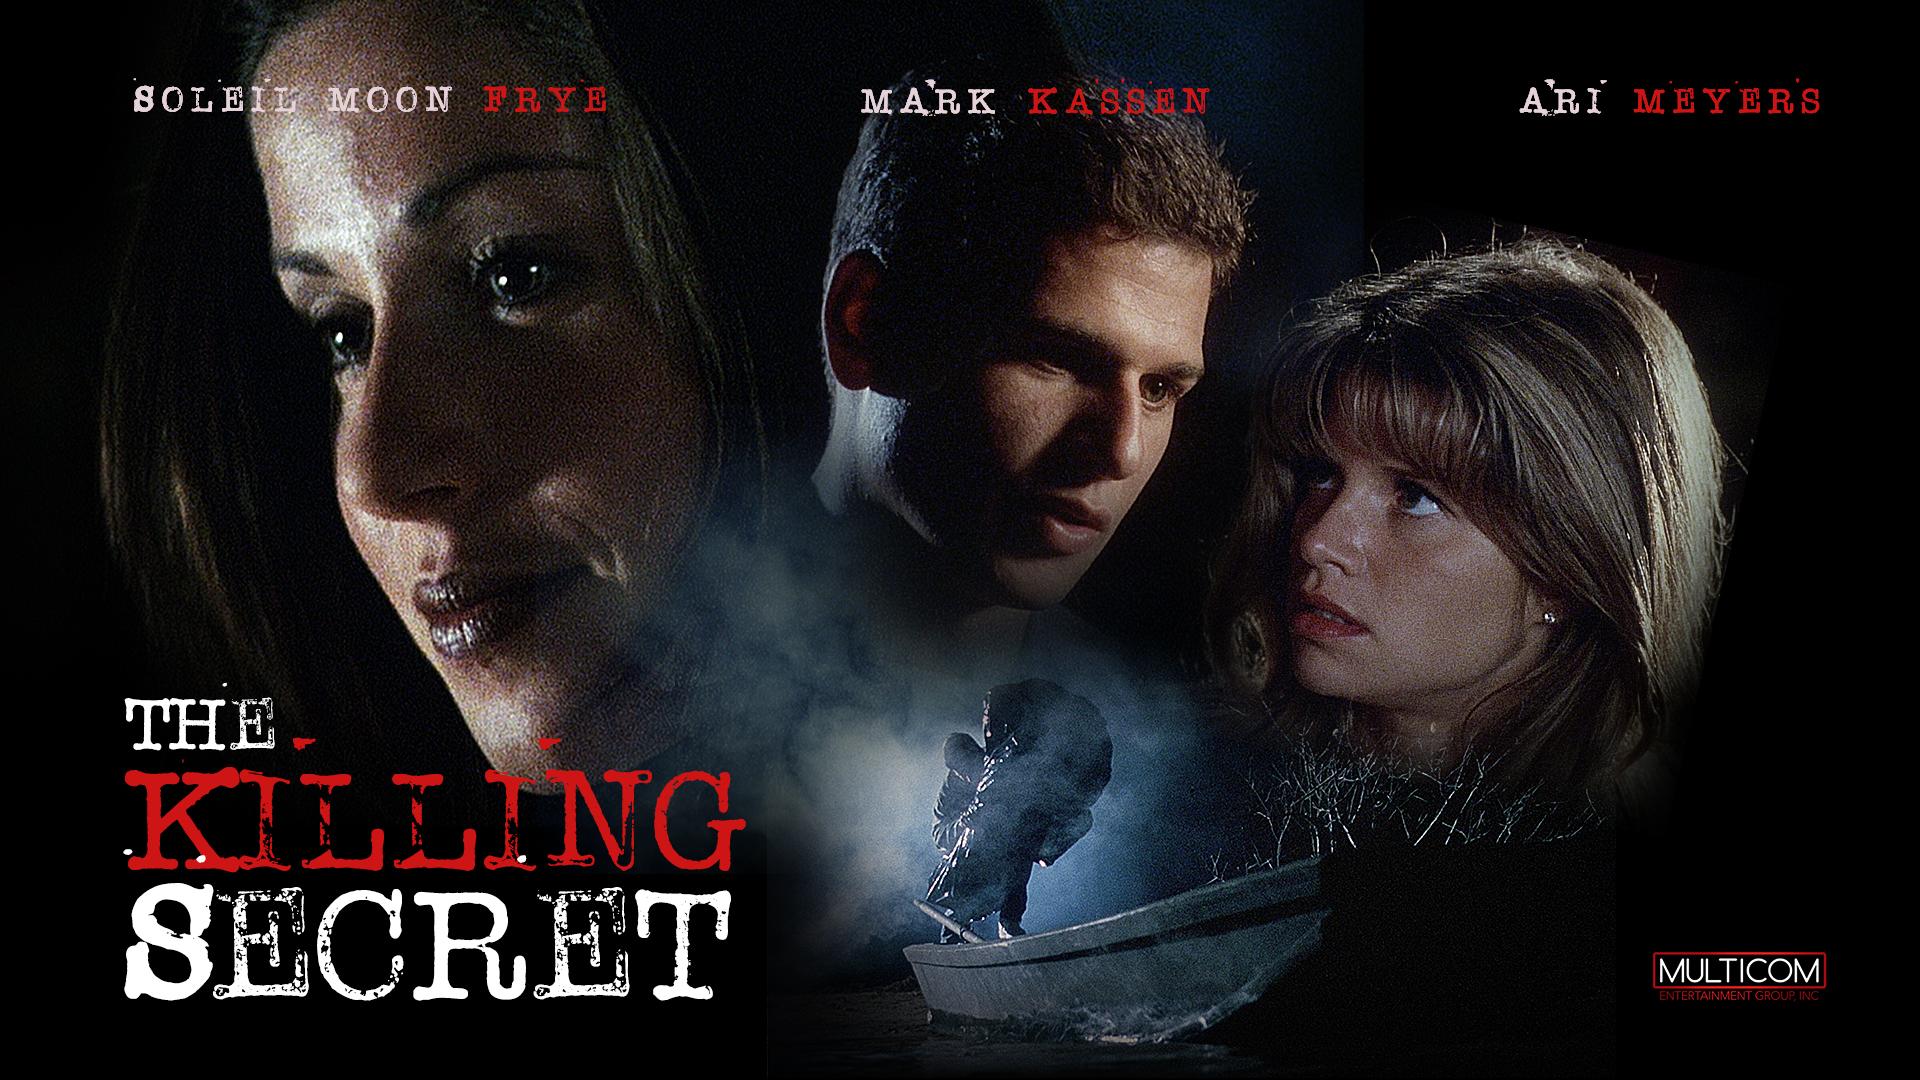 The Killing Secret